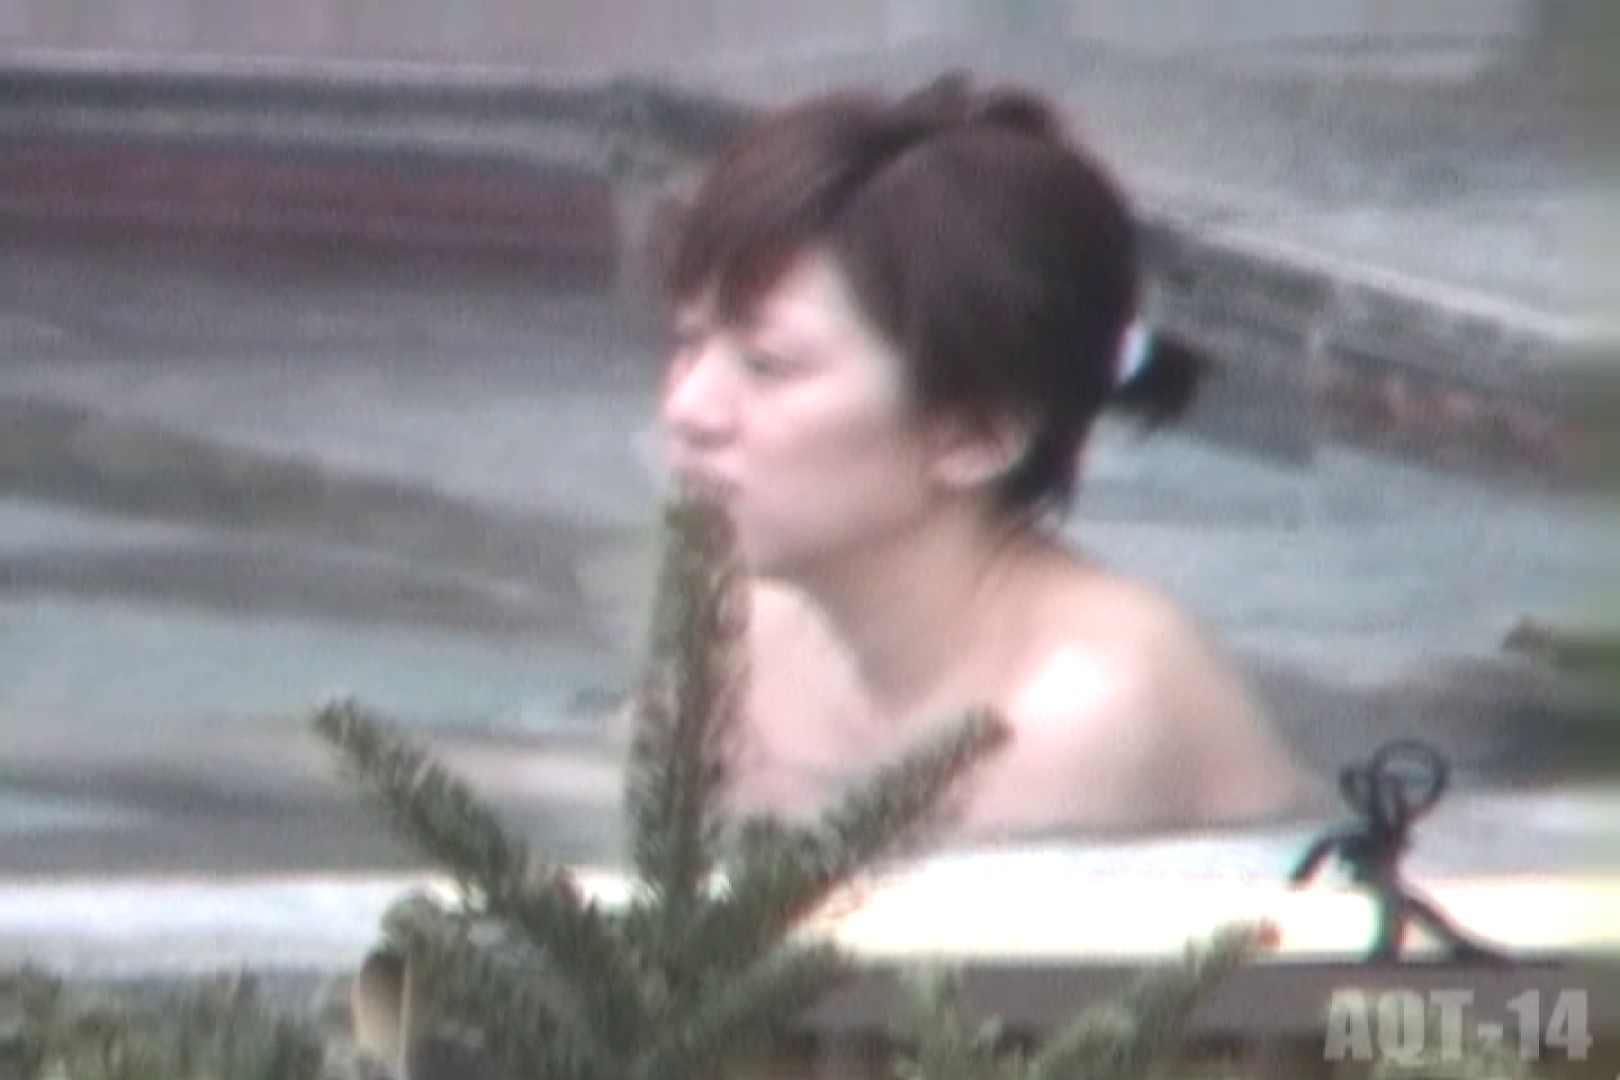 Aquaな露天風呂Vol.821 OLのエロ生活 隠し撮りオマンコ動画紹介 73連発 38